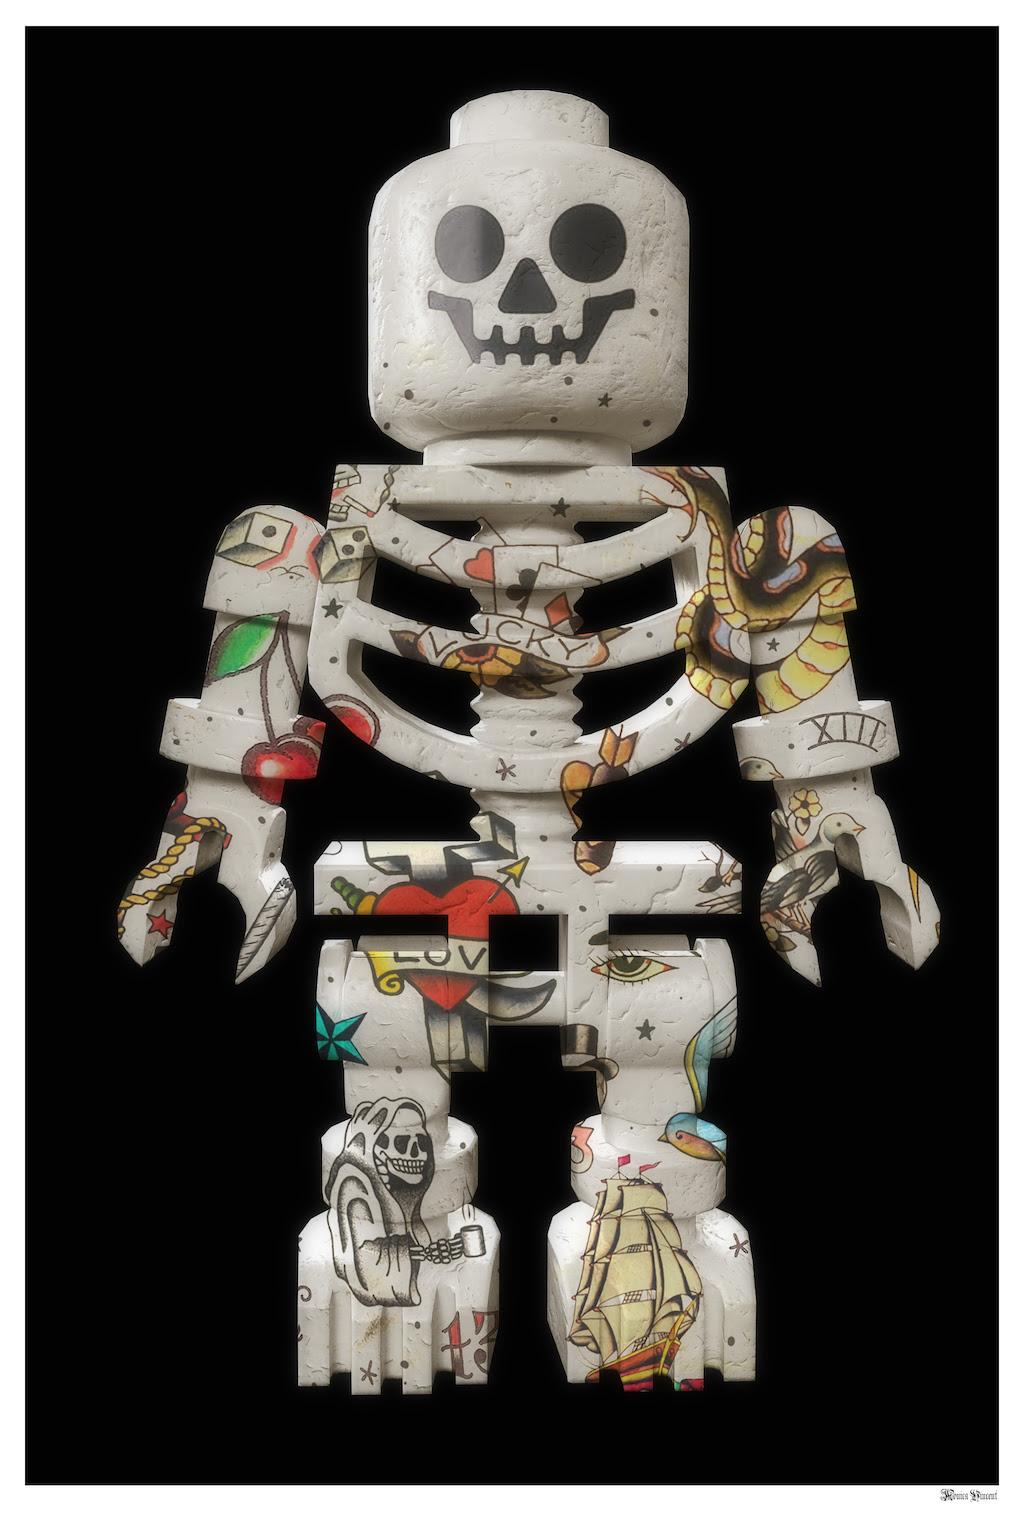 Lego Skeleton (Black Background) - Large - Framed by Monica Vincent